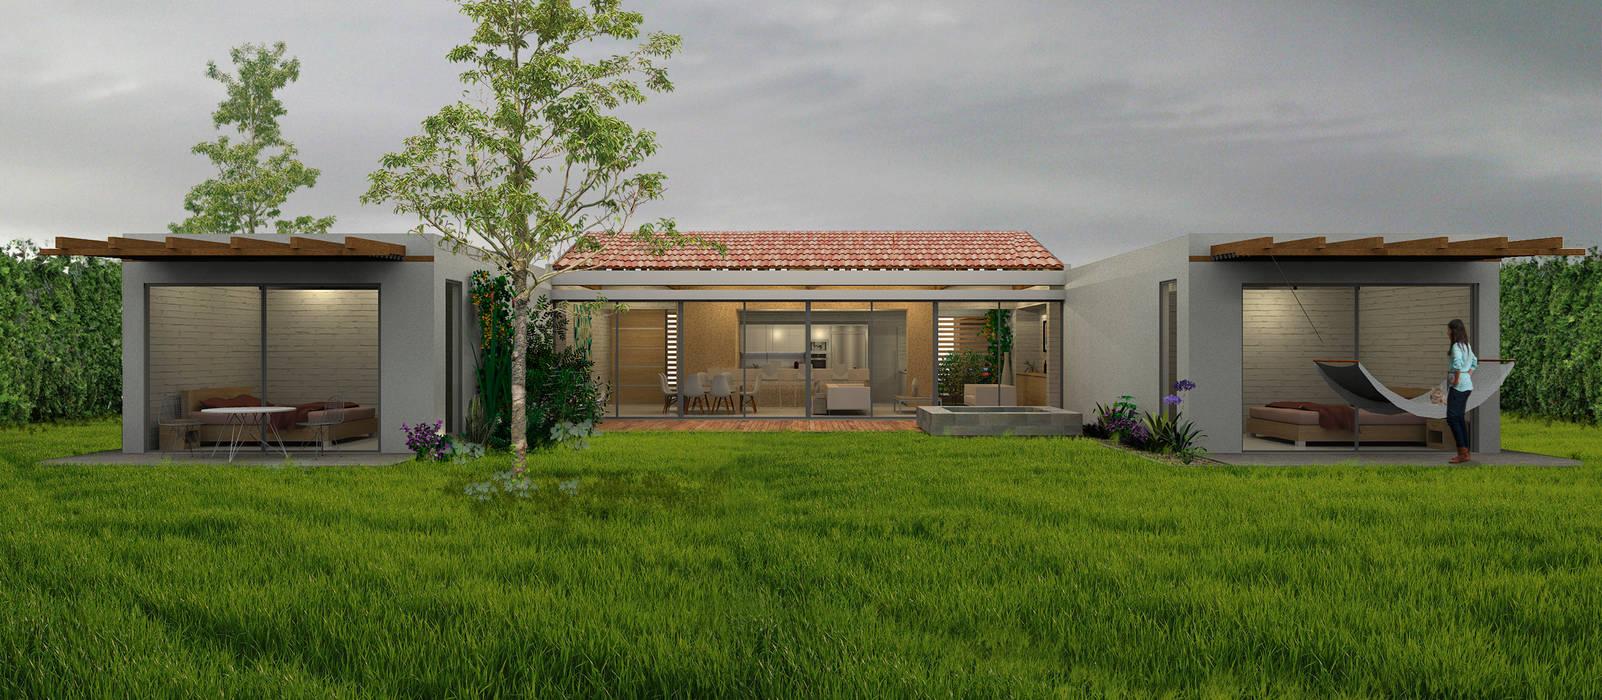 Casa La Morada DV: Casas de estilo  por COLECTIVO CREATIVO